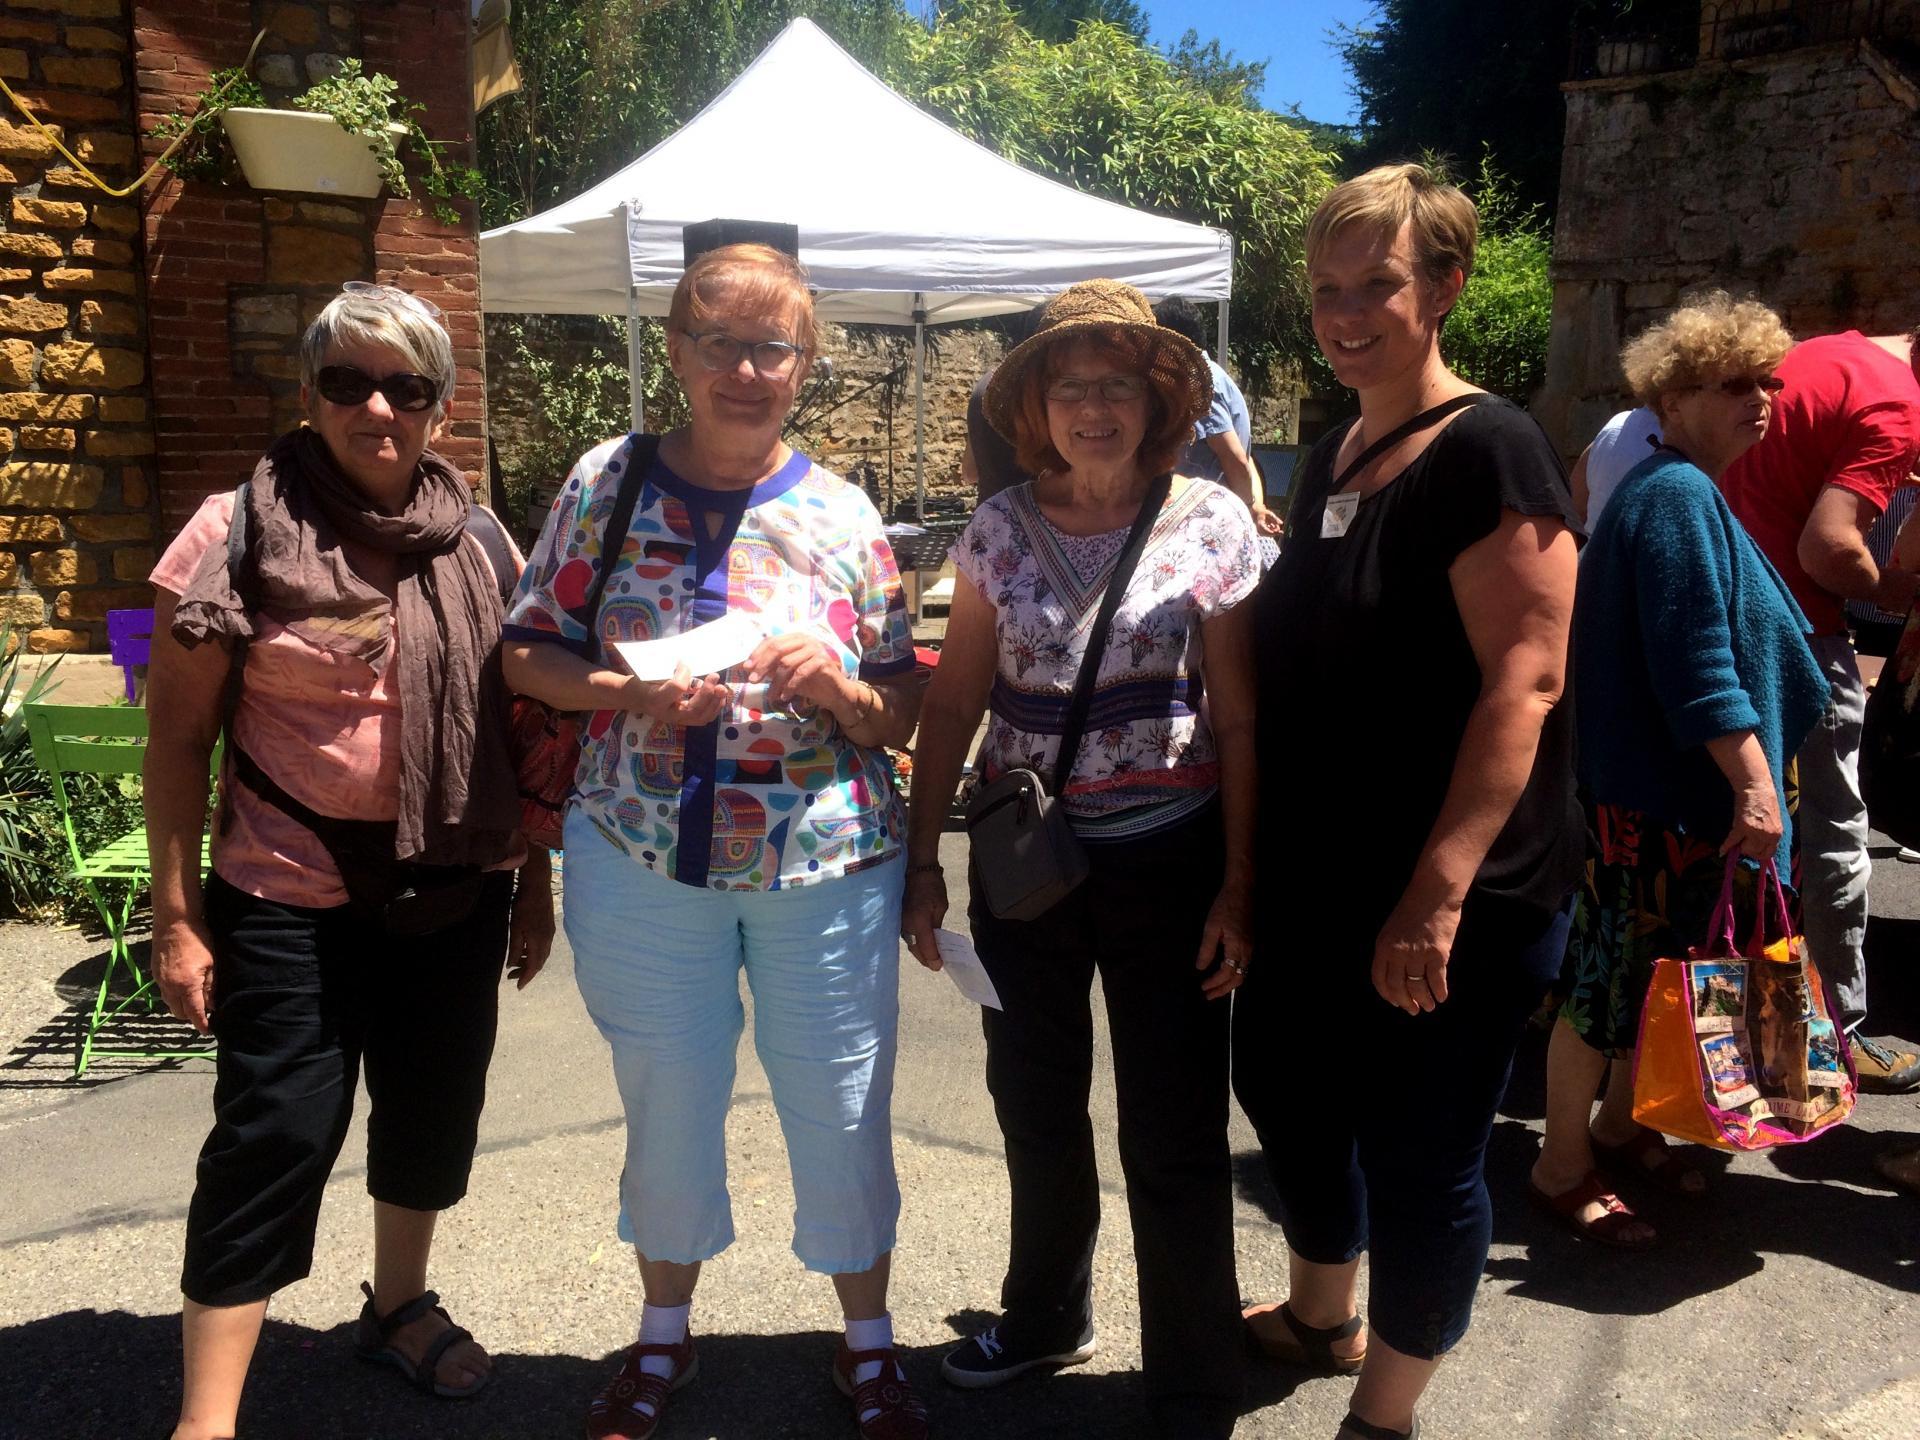 Puces Café fait un don au Collectif des sans papiers de Villefranche.